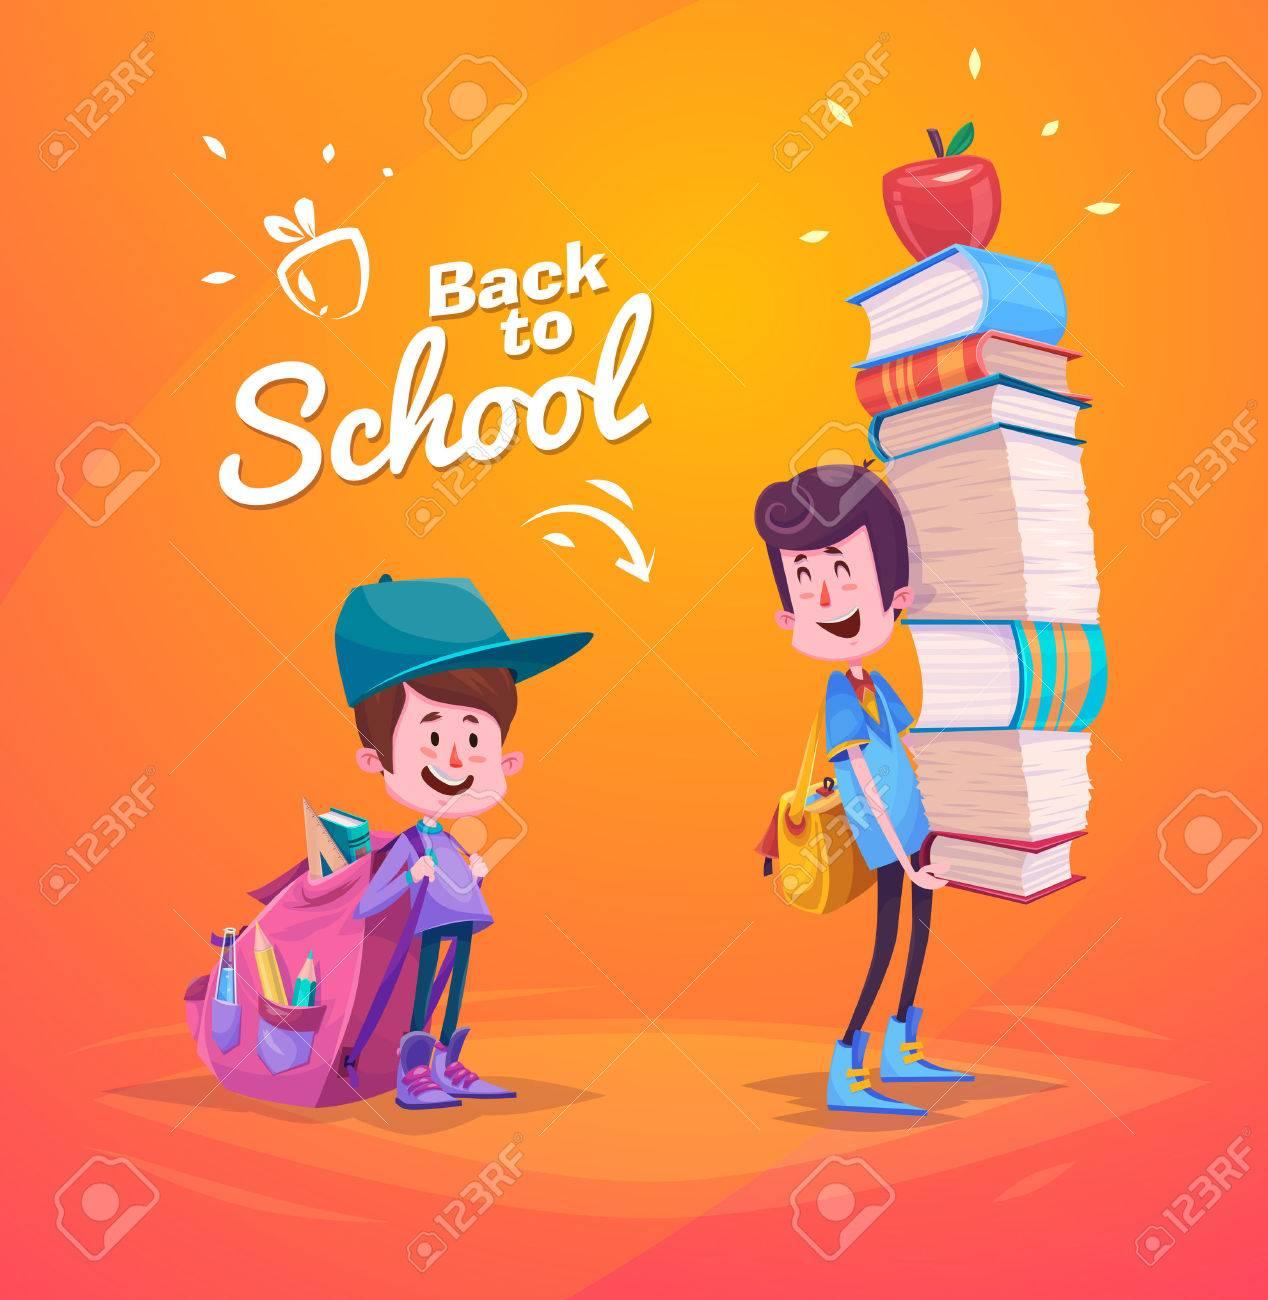 かわいい学校の子供たち。学校の活動。学校に戻るには、黄色の背景上の